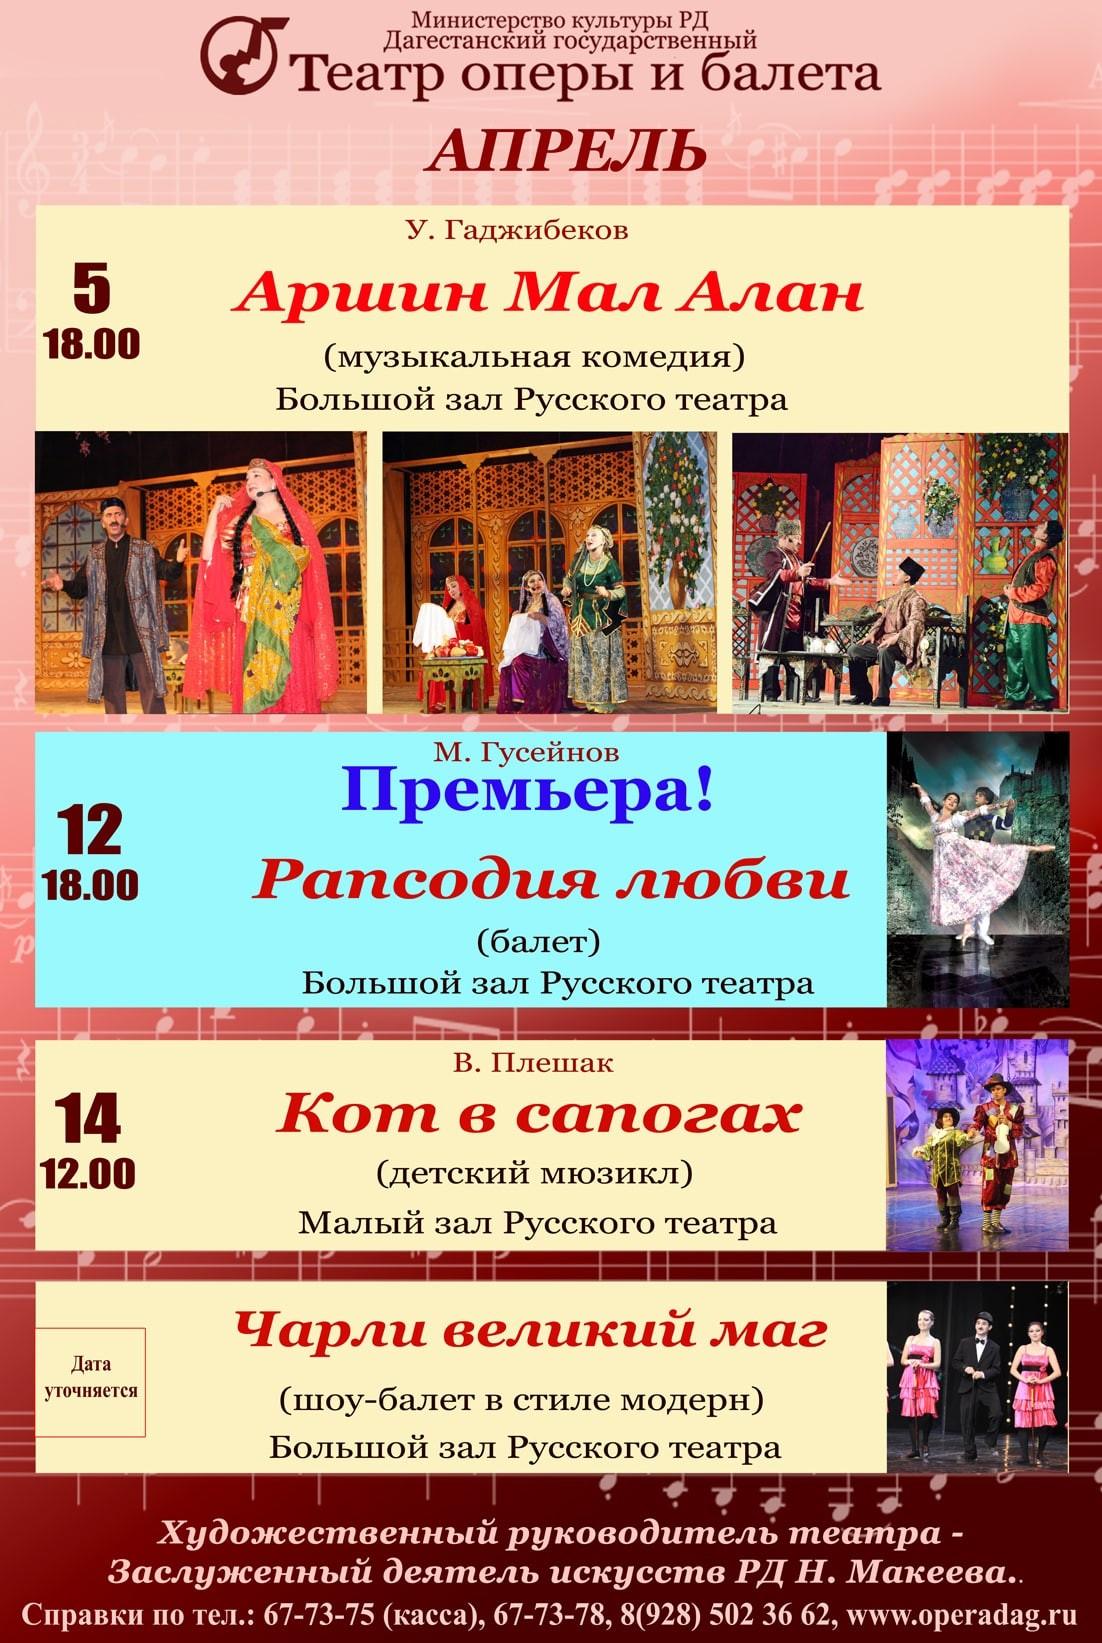 Дагестанский государственный театр оперы и балета афиша слепаков концерт афиша